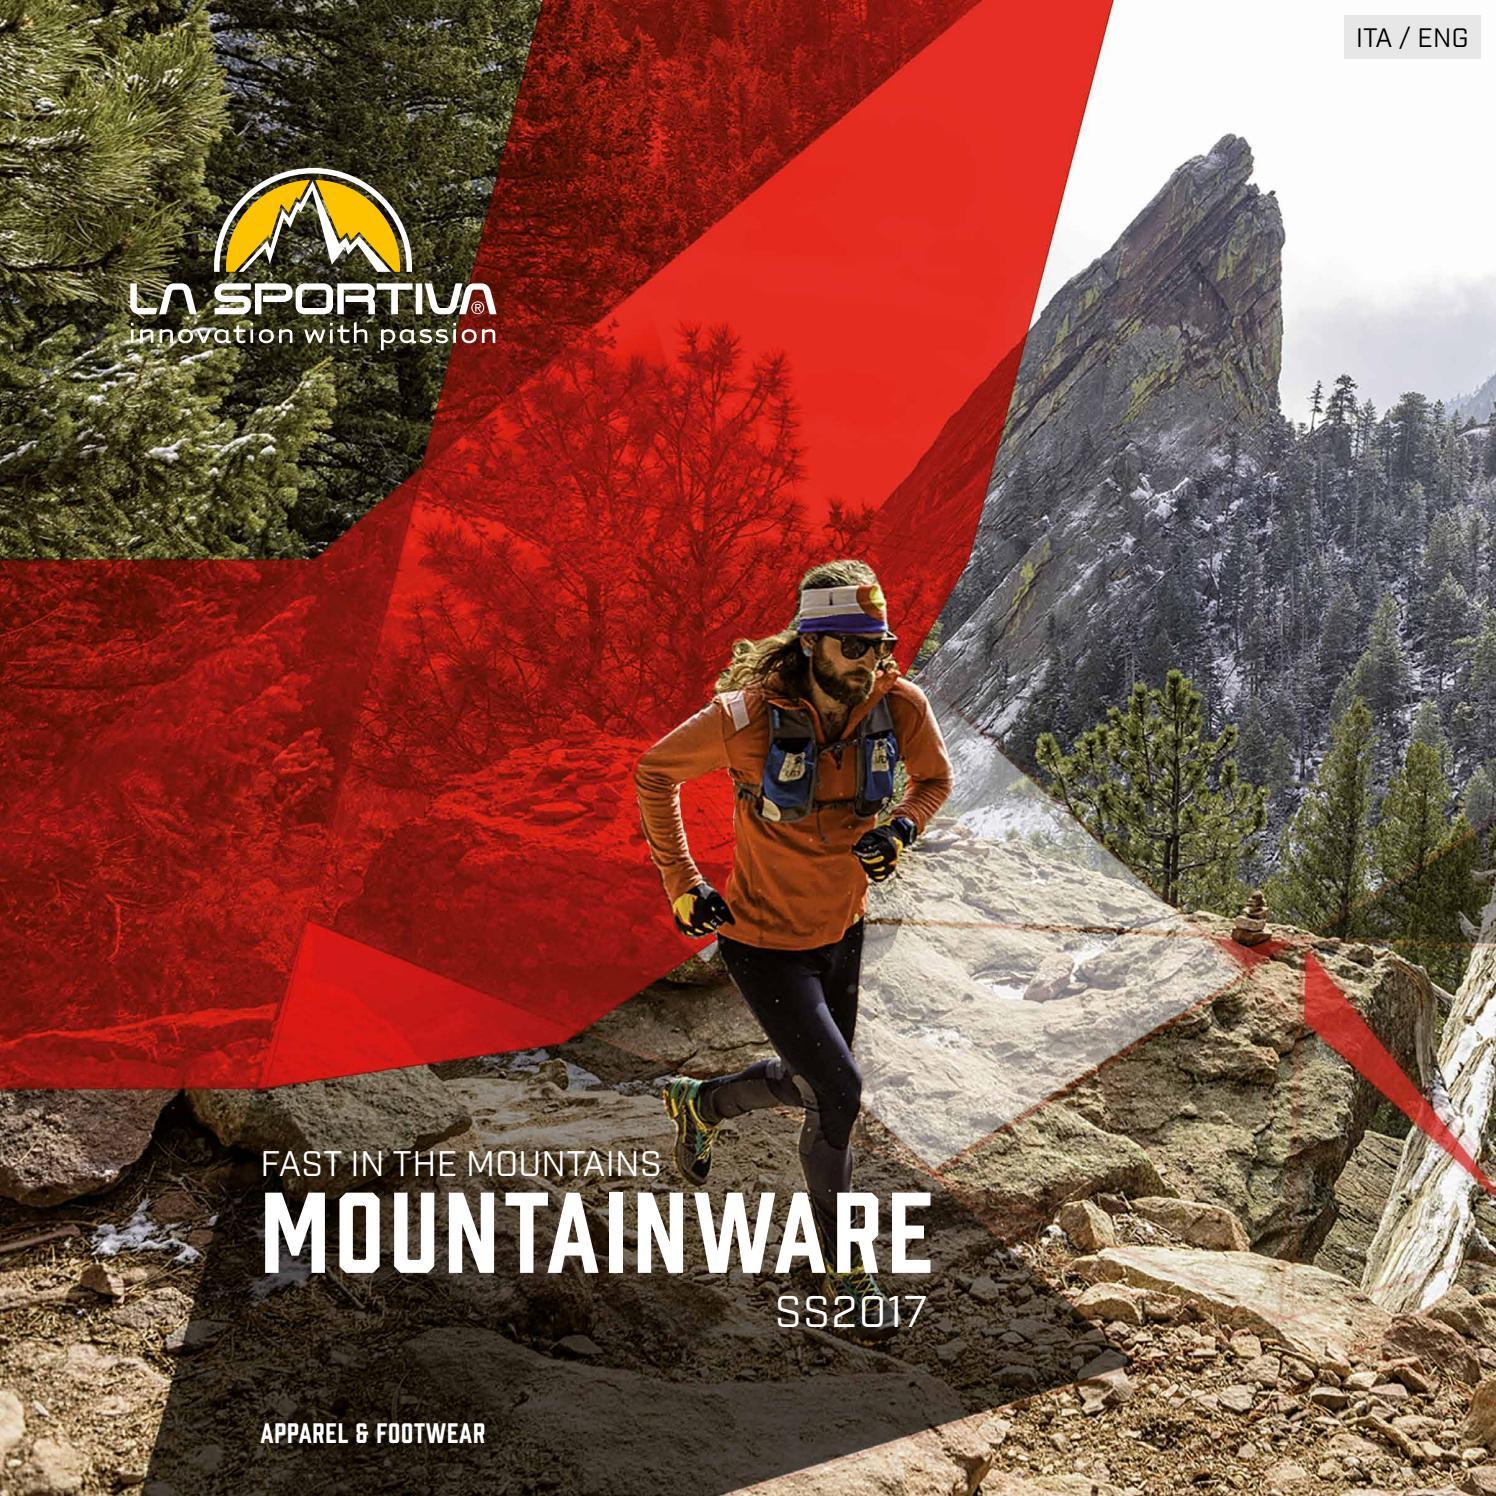 LA SPORTIVA Catalogue Fast SS 2017 by MountainBlogIT issuu